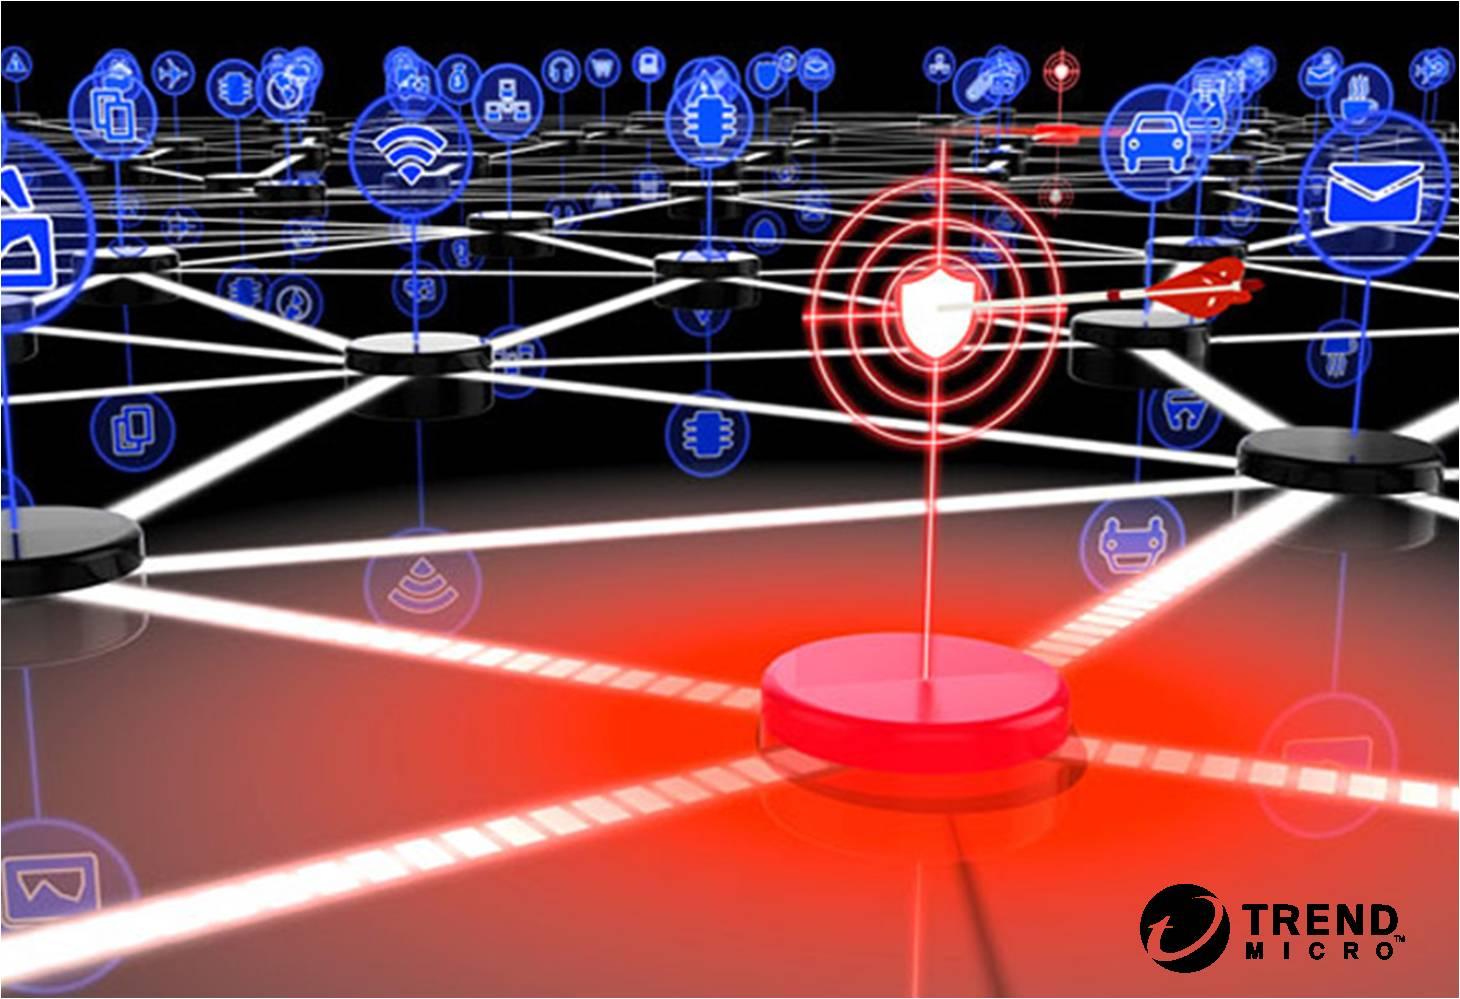 趨勢科技協助出版史上第一本網路犯罪調查指南!全球專家共同發表《網路犯罪調查知識大全》,為全球執法機關提供一份重要參考依據!